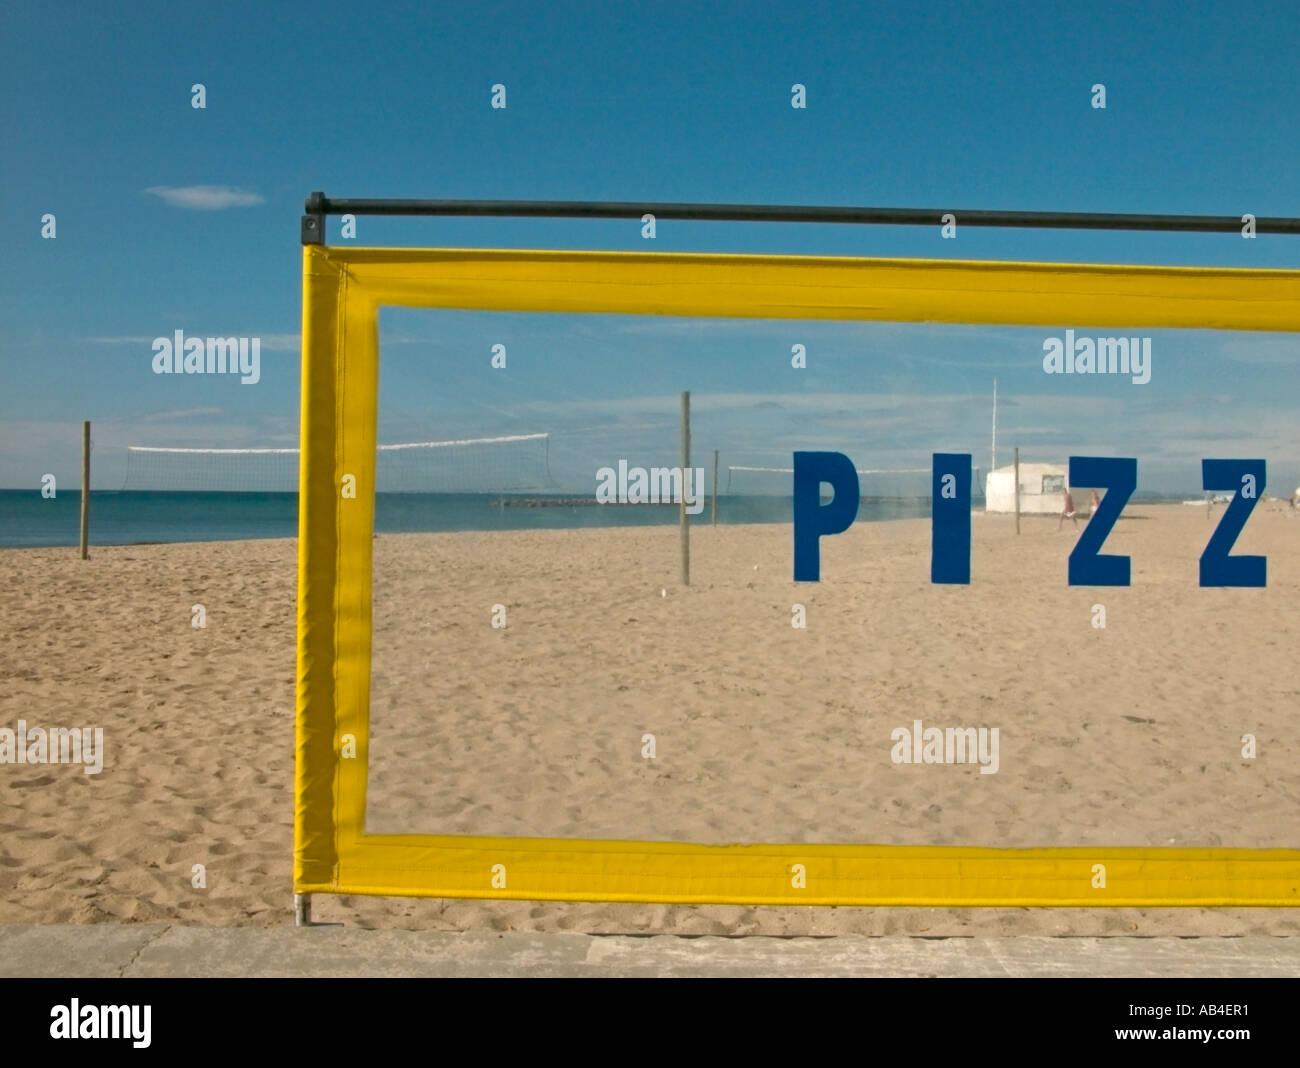 Blick durch einen Pizza-Snack-Bar-Windschutz an einem Strand, Frankreich. Stockbild